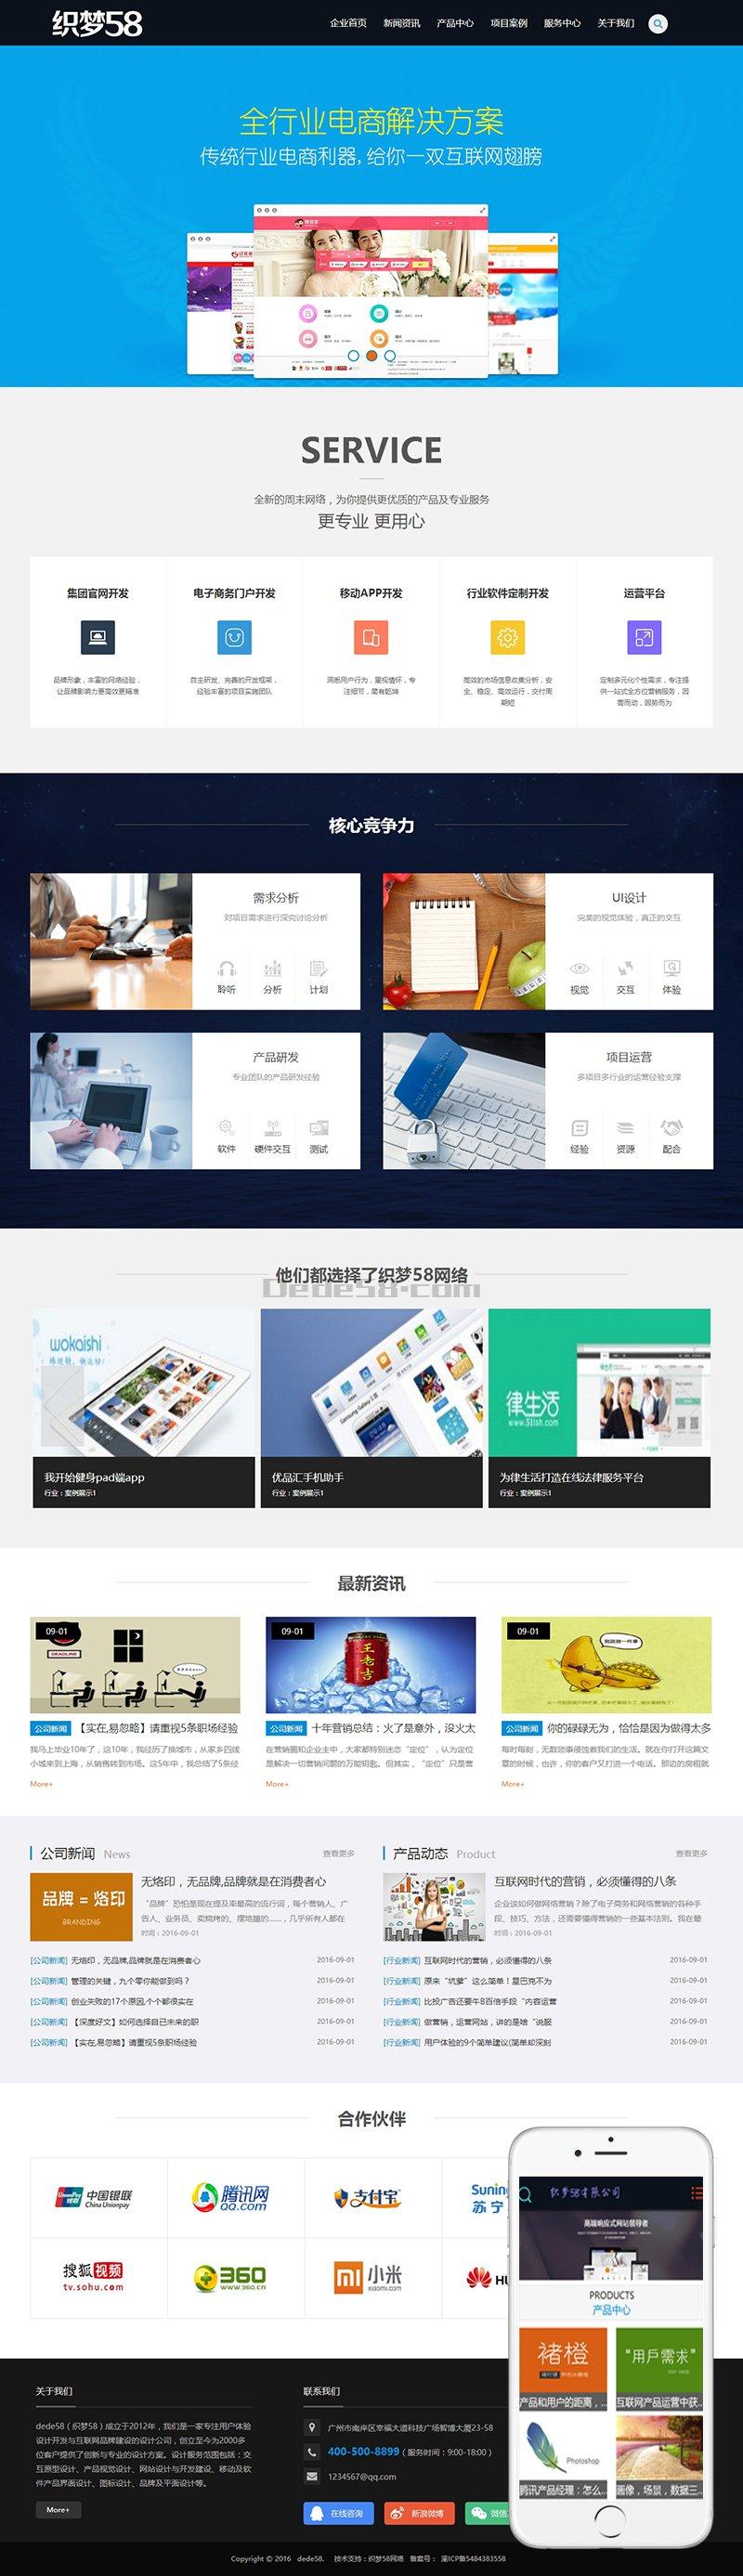 互联网网络建站设计类企业织梦dedecms模板(带手机端)+wap+利于SEO优化